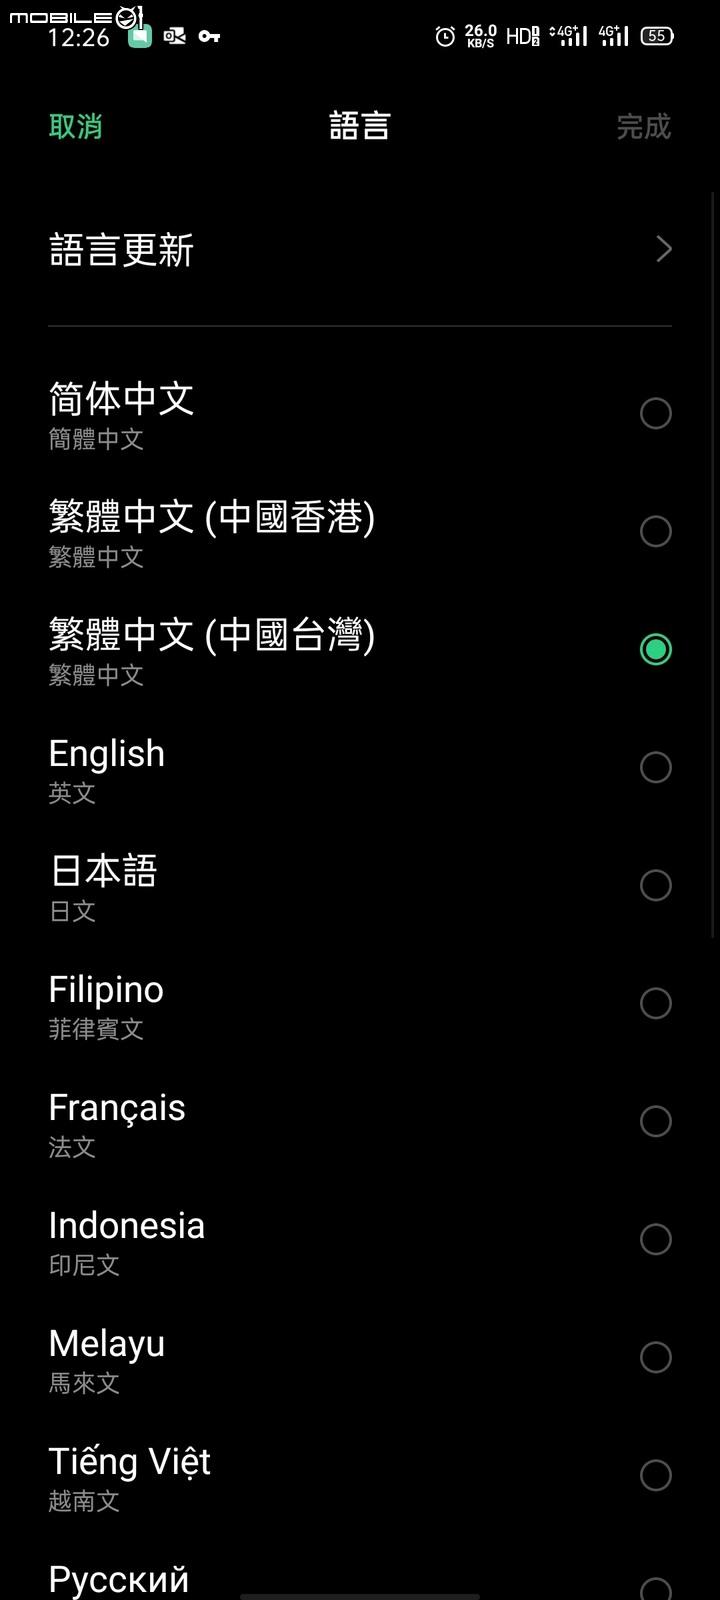 大陸手機在中國跟臺灣時區顯示會不一樣嗎 - Mobile01